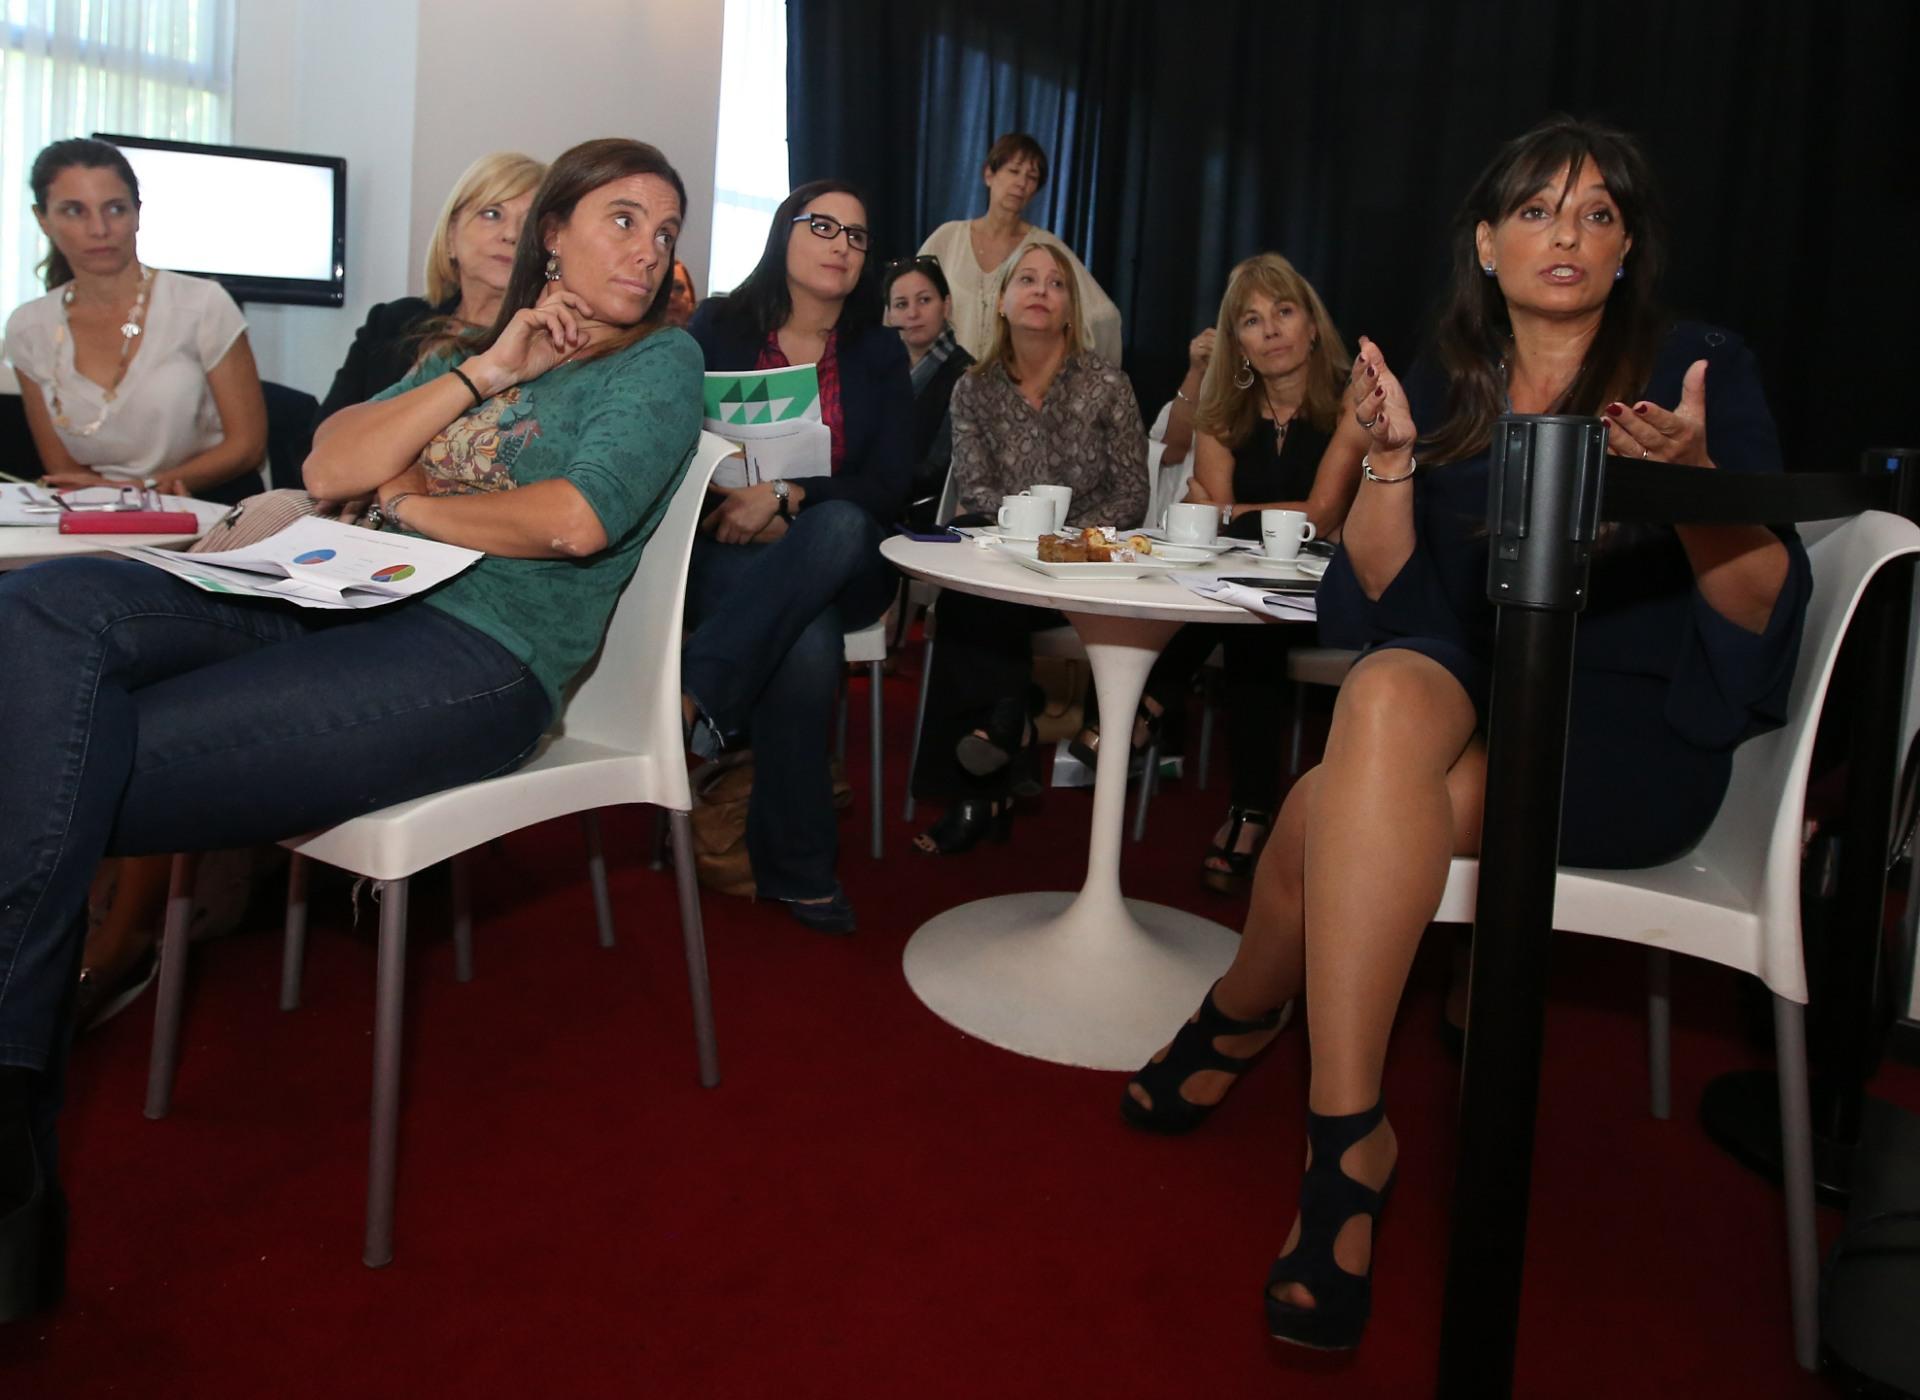 Todas las invitadas intercambiaron opiniones y analizaron el informe presentado por Eduardo Suárez Battán